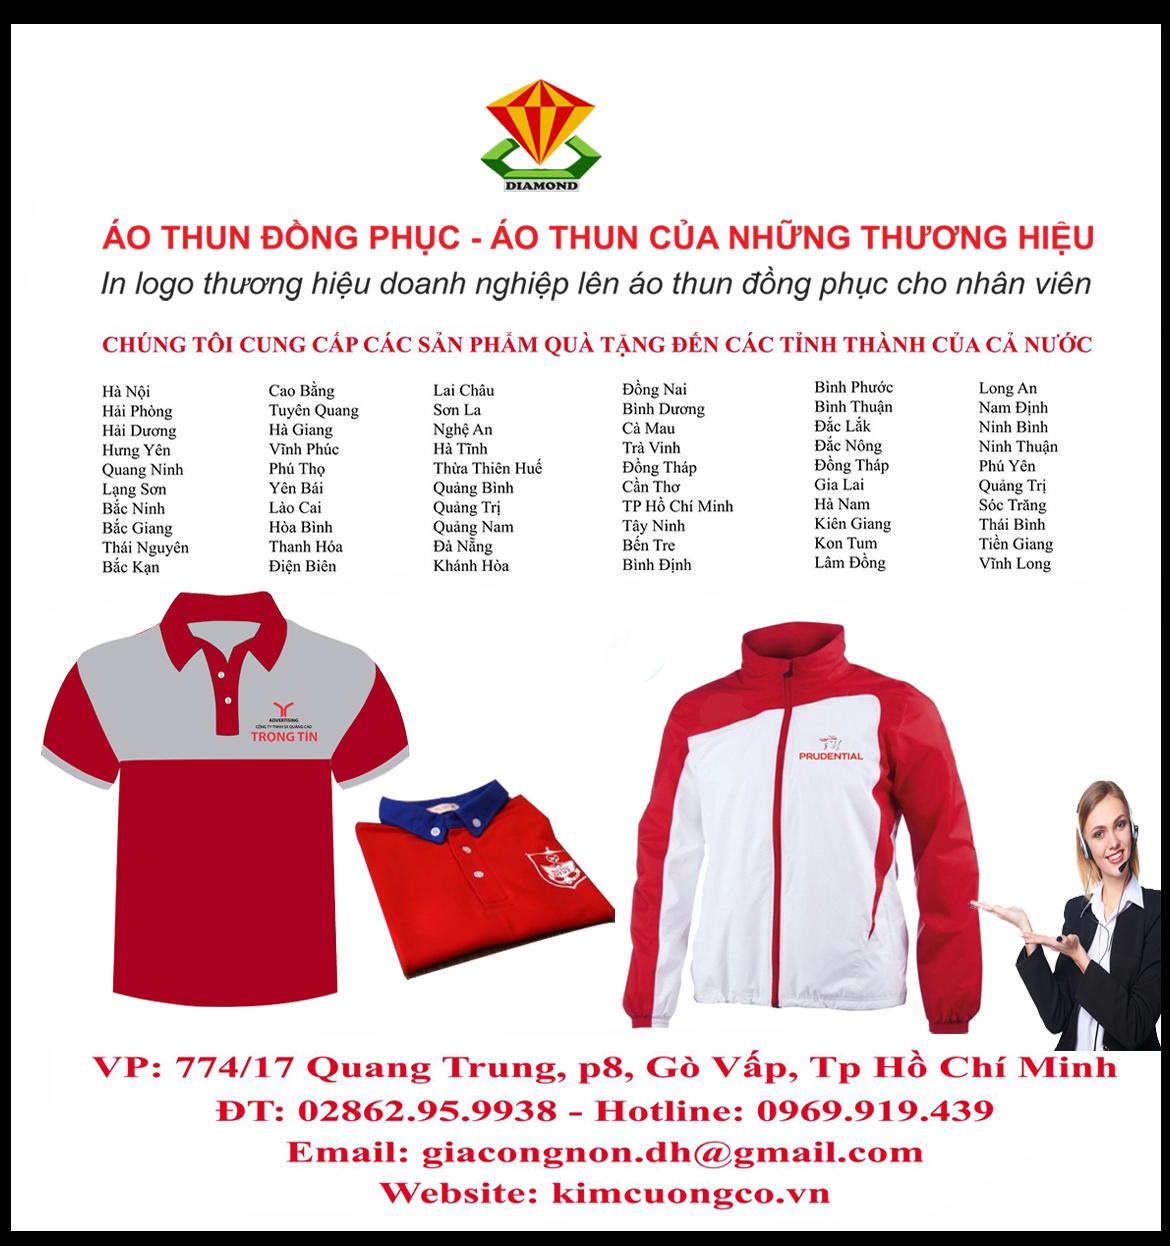 Xưởng sản xuất quà tặng quảng cáo cho doanh nghiệp tại Tp Hồ Chí Minh, Đồng Nai, Bình Dương